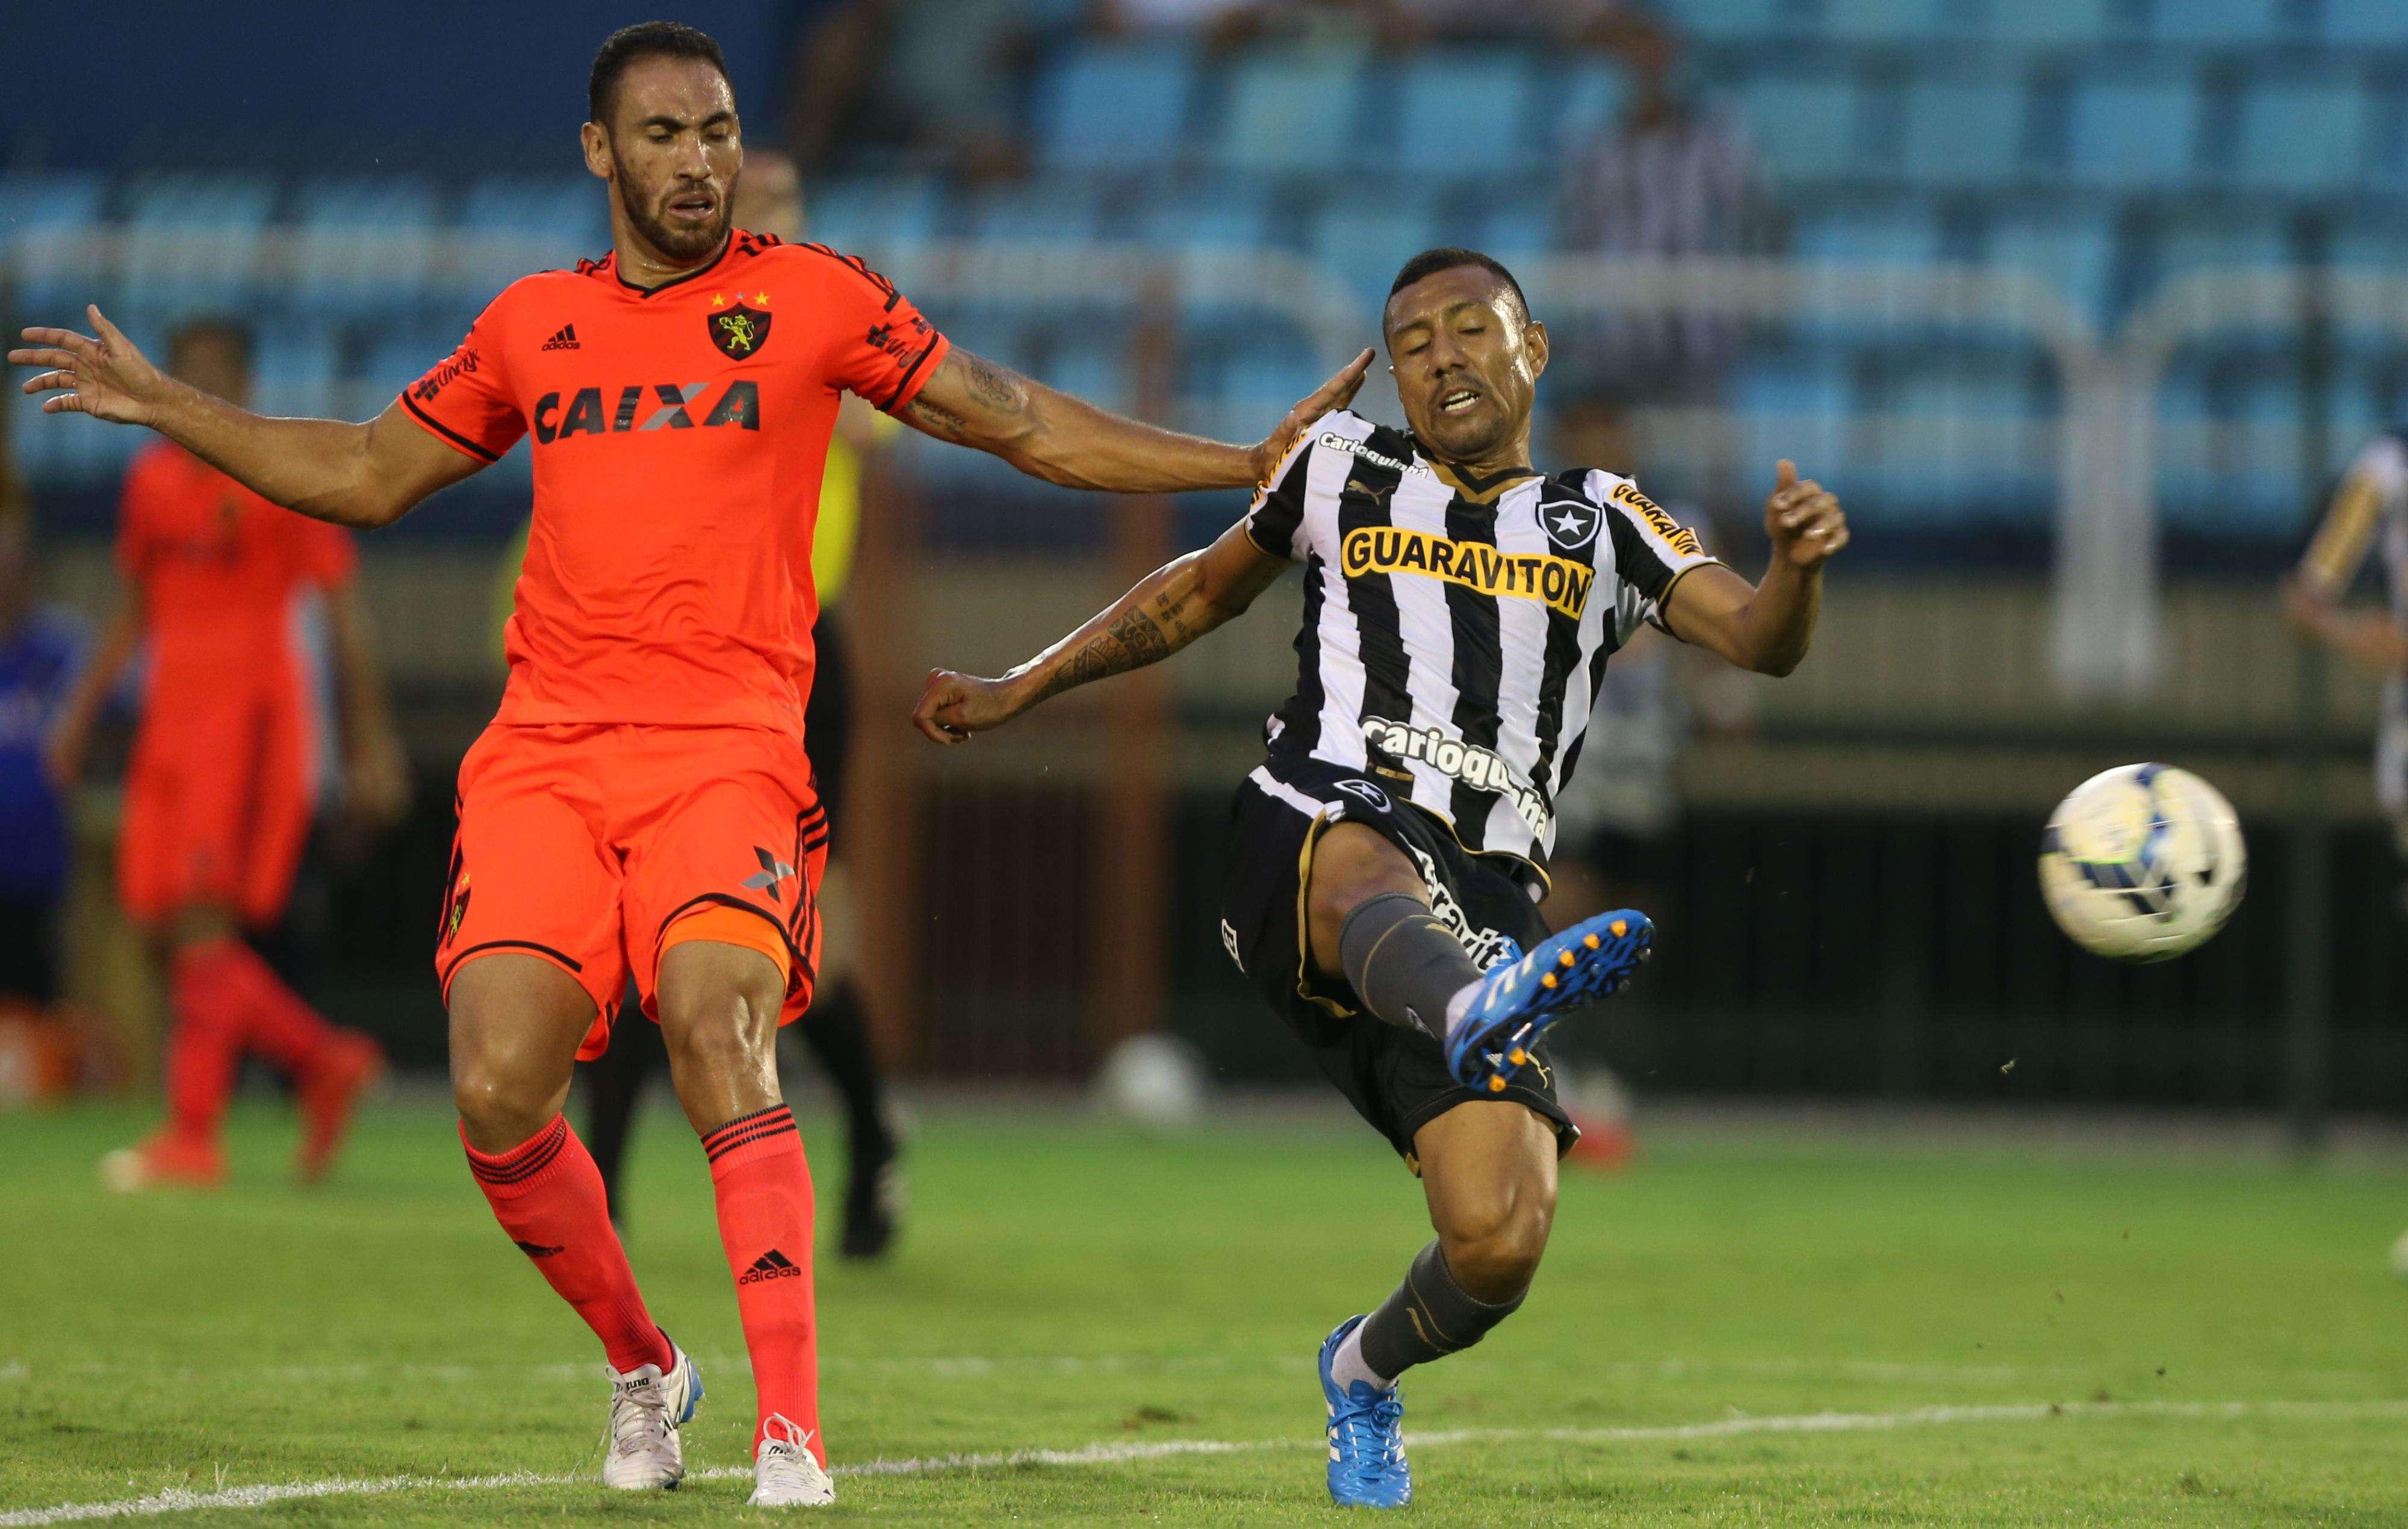 Ramirez tenta, mas não consegue dominar bola no ataque do Botafogo Foto: Cleber Mendes/Lancepress!